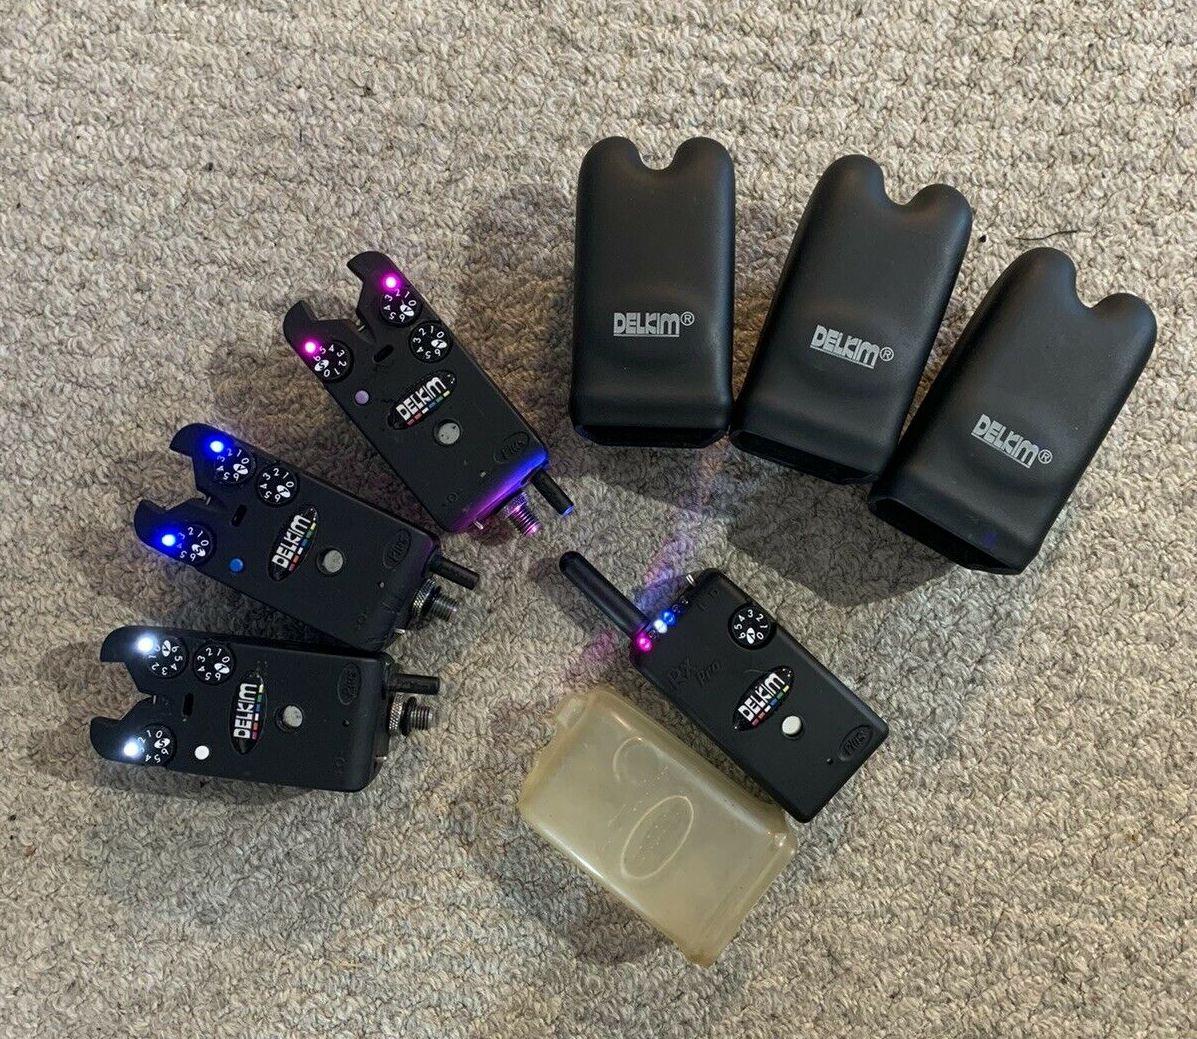 Ad - Delkim TXI Plus Bite Alarms x3 + Delkim RX Pro Receiver On eBay here -->> https://t.co/6l